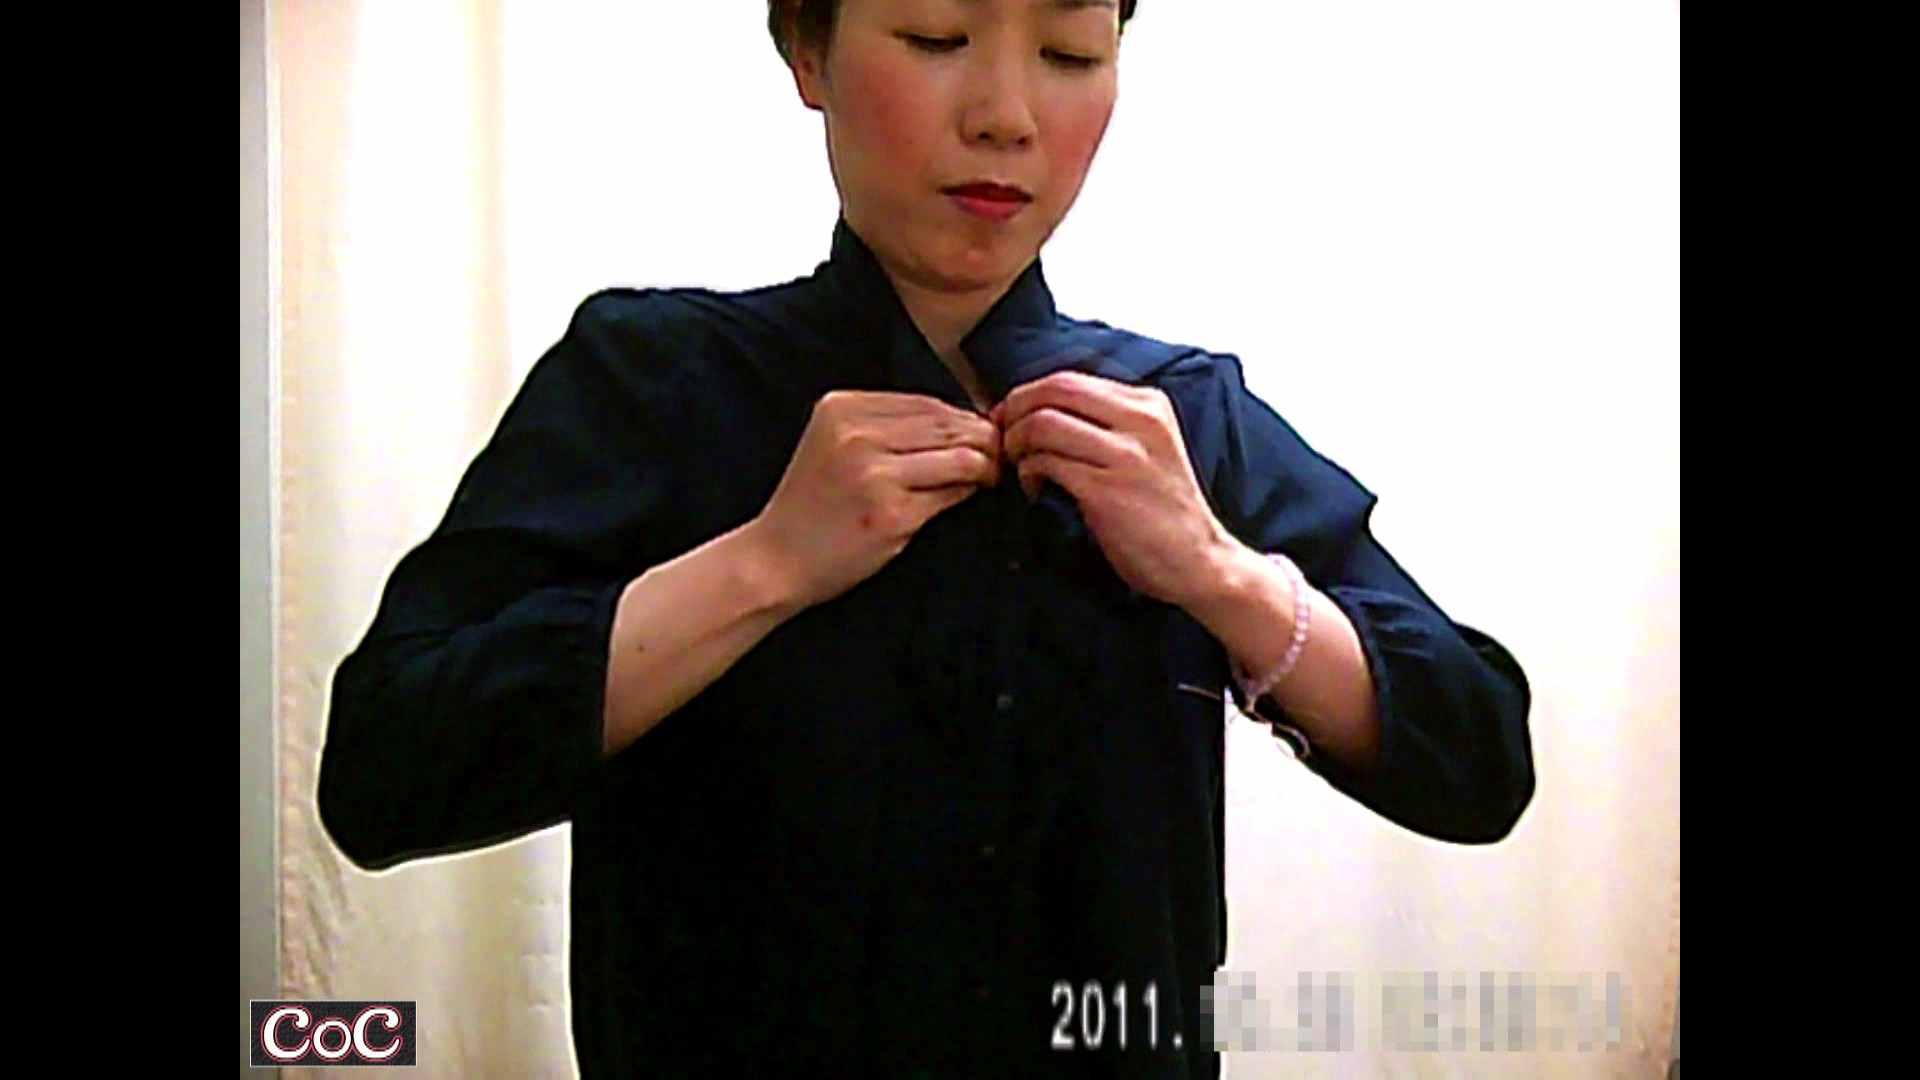 病院おもいっきり着替え! vol.75 盗撮 盗撮動画紹介 84pic 73